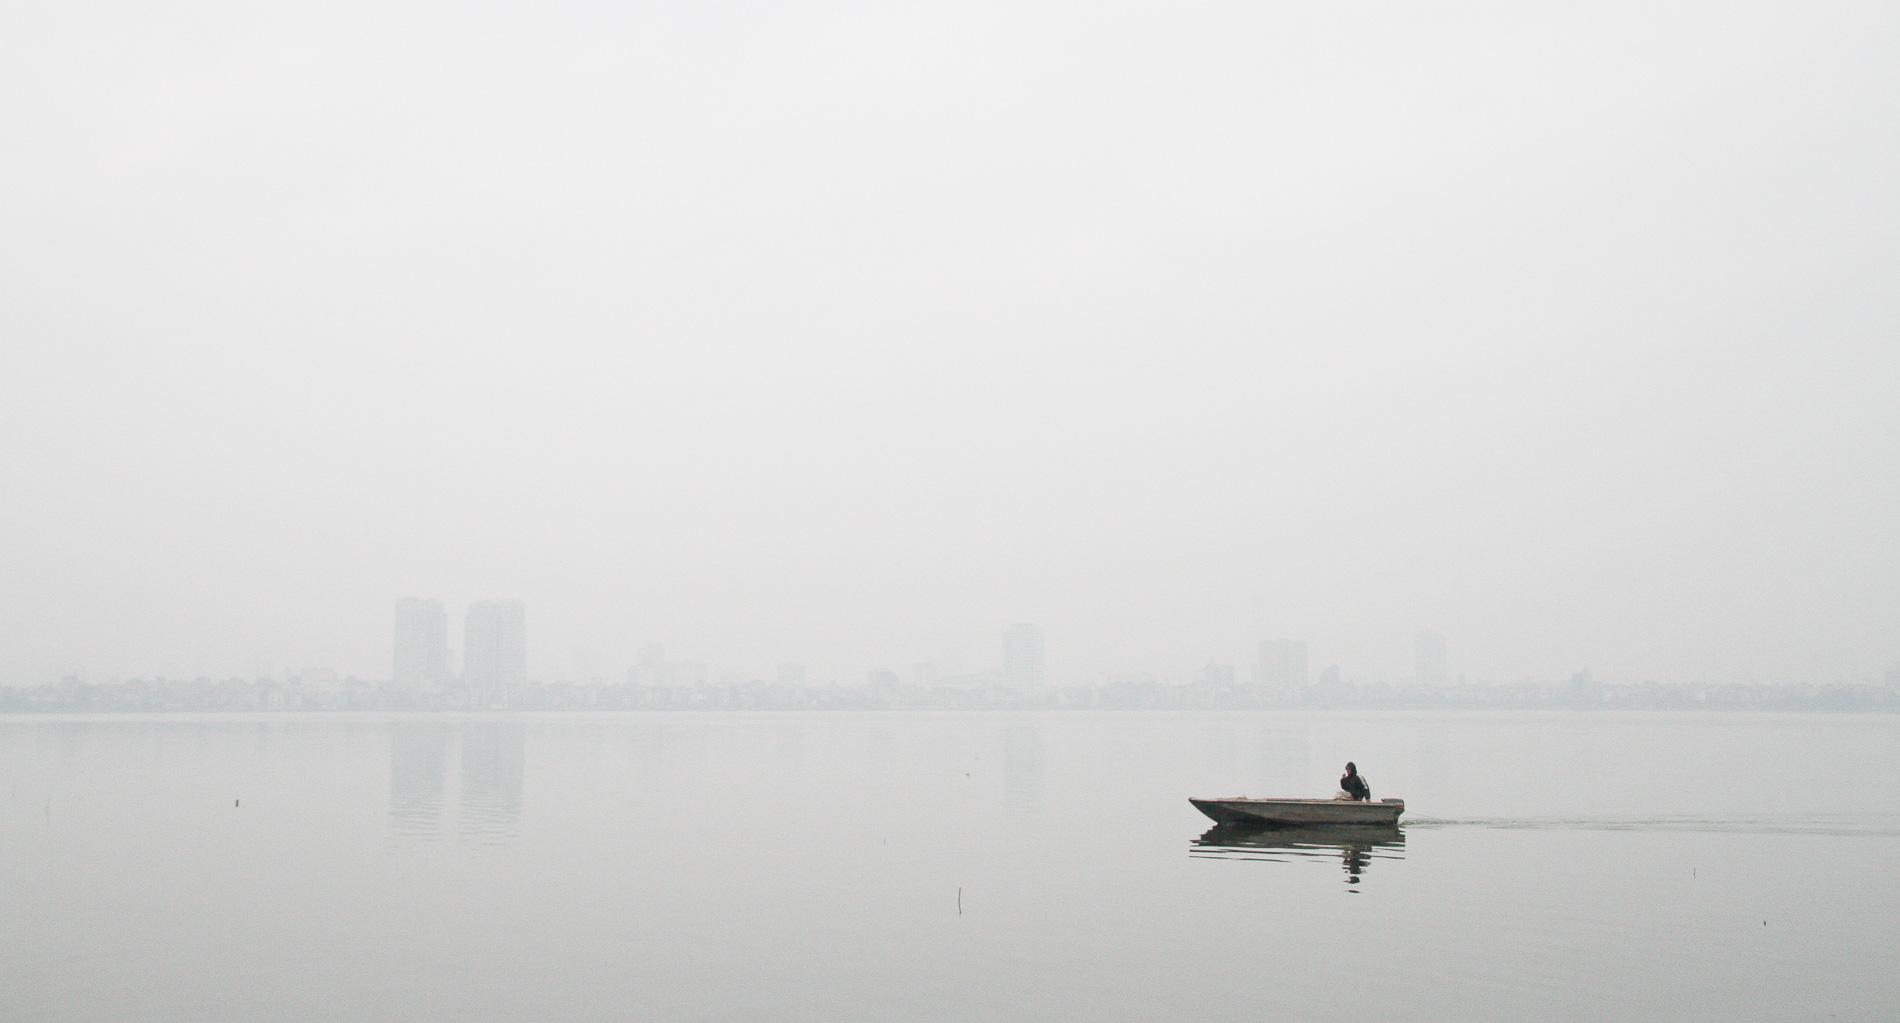 ベトナム・ハノイ